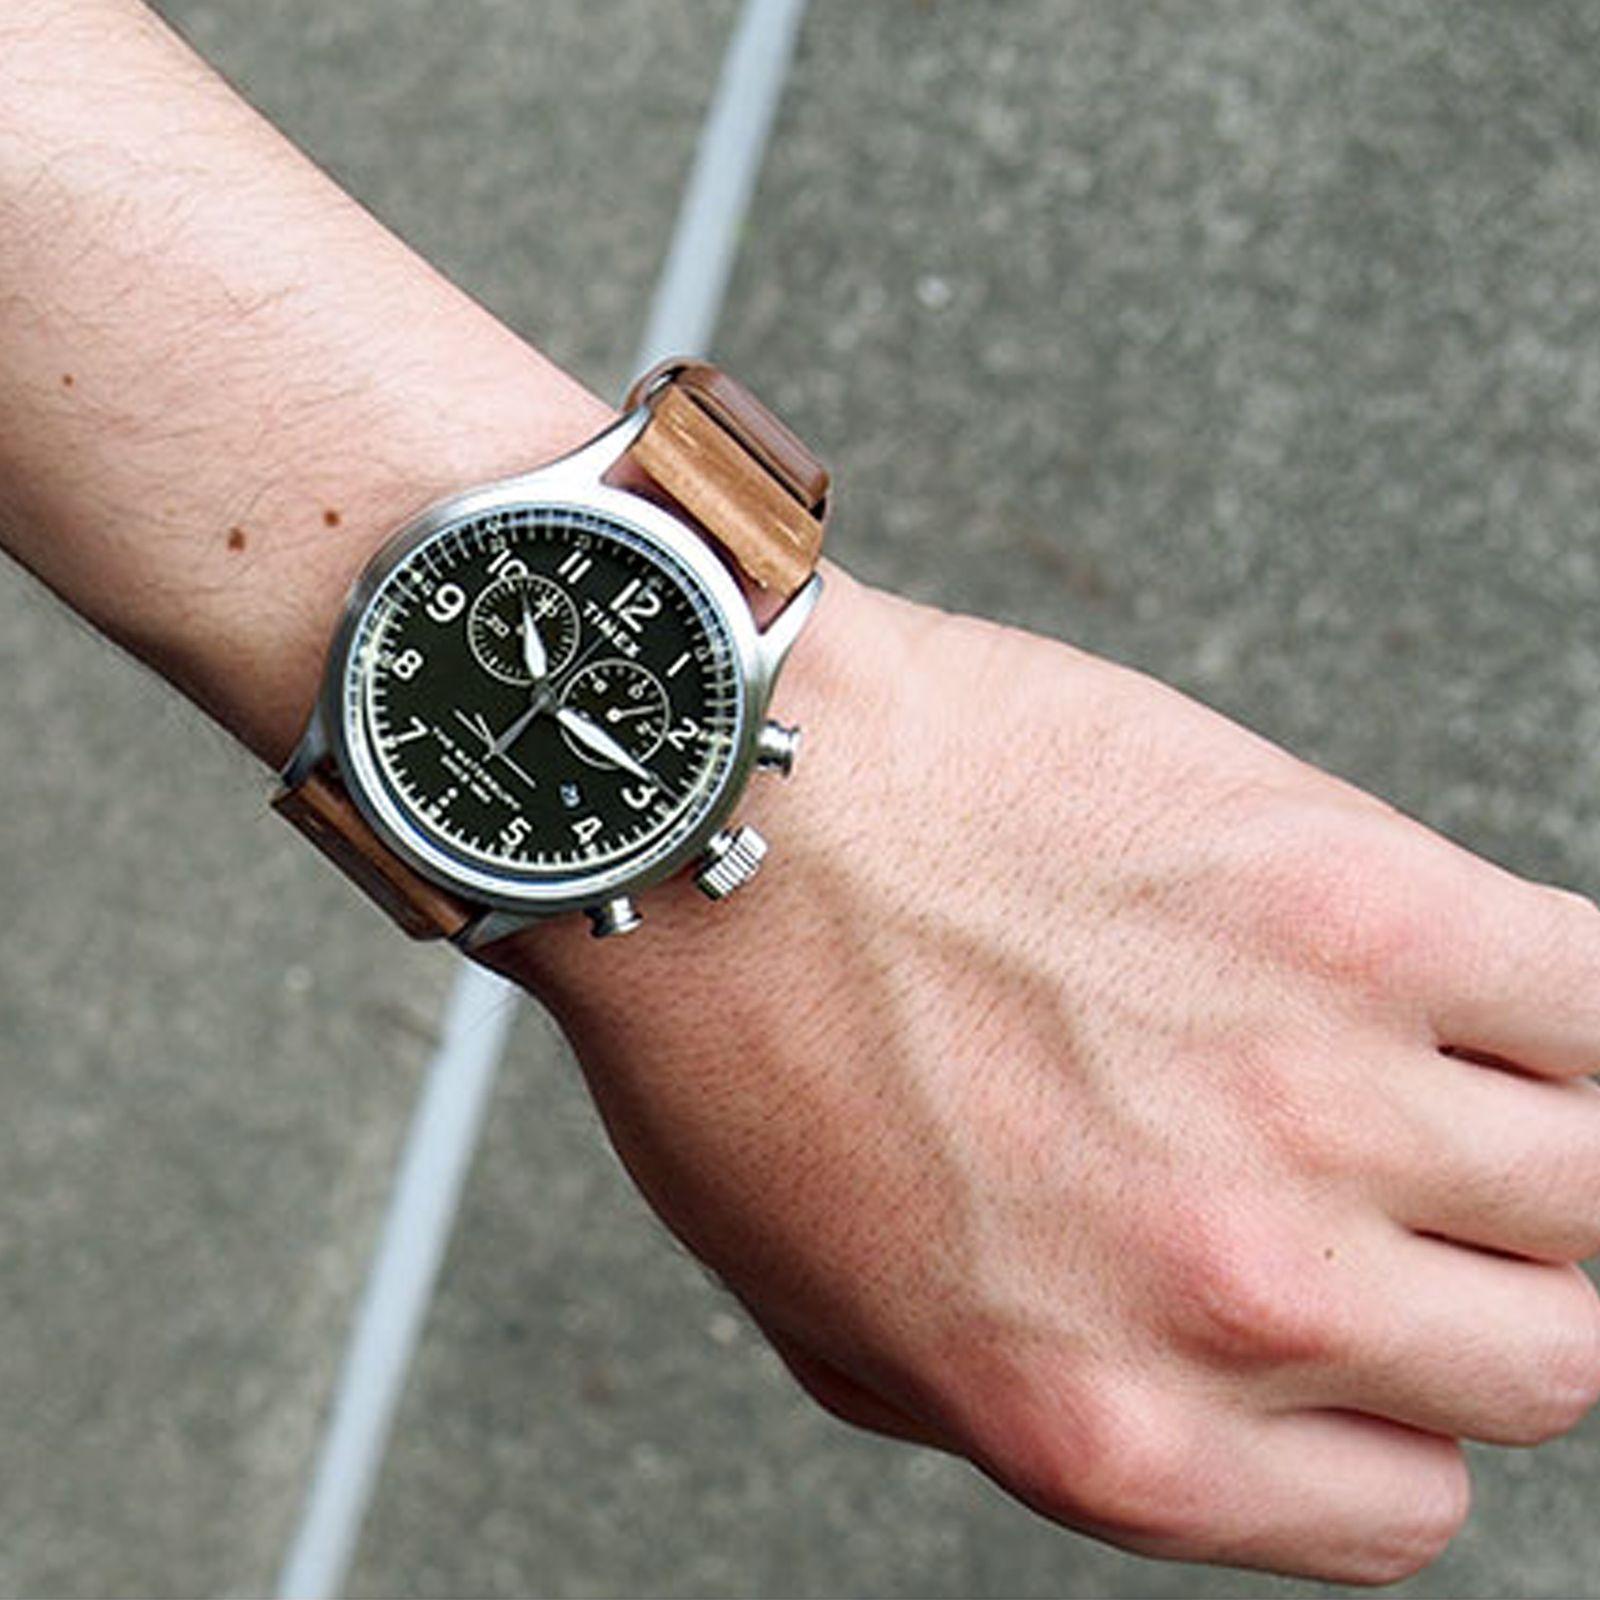 ساعت مچی عقربه ای مردانه تایمکس مدل TW2R70900 -  - 1